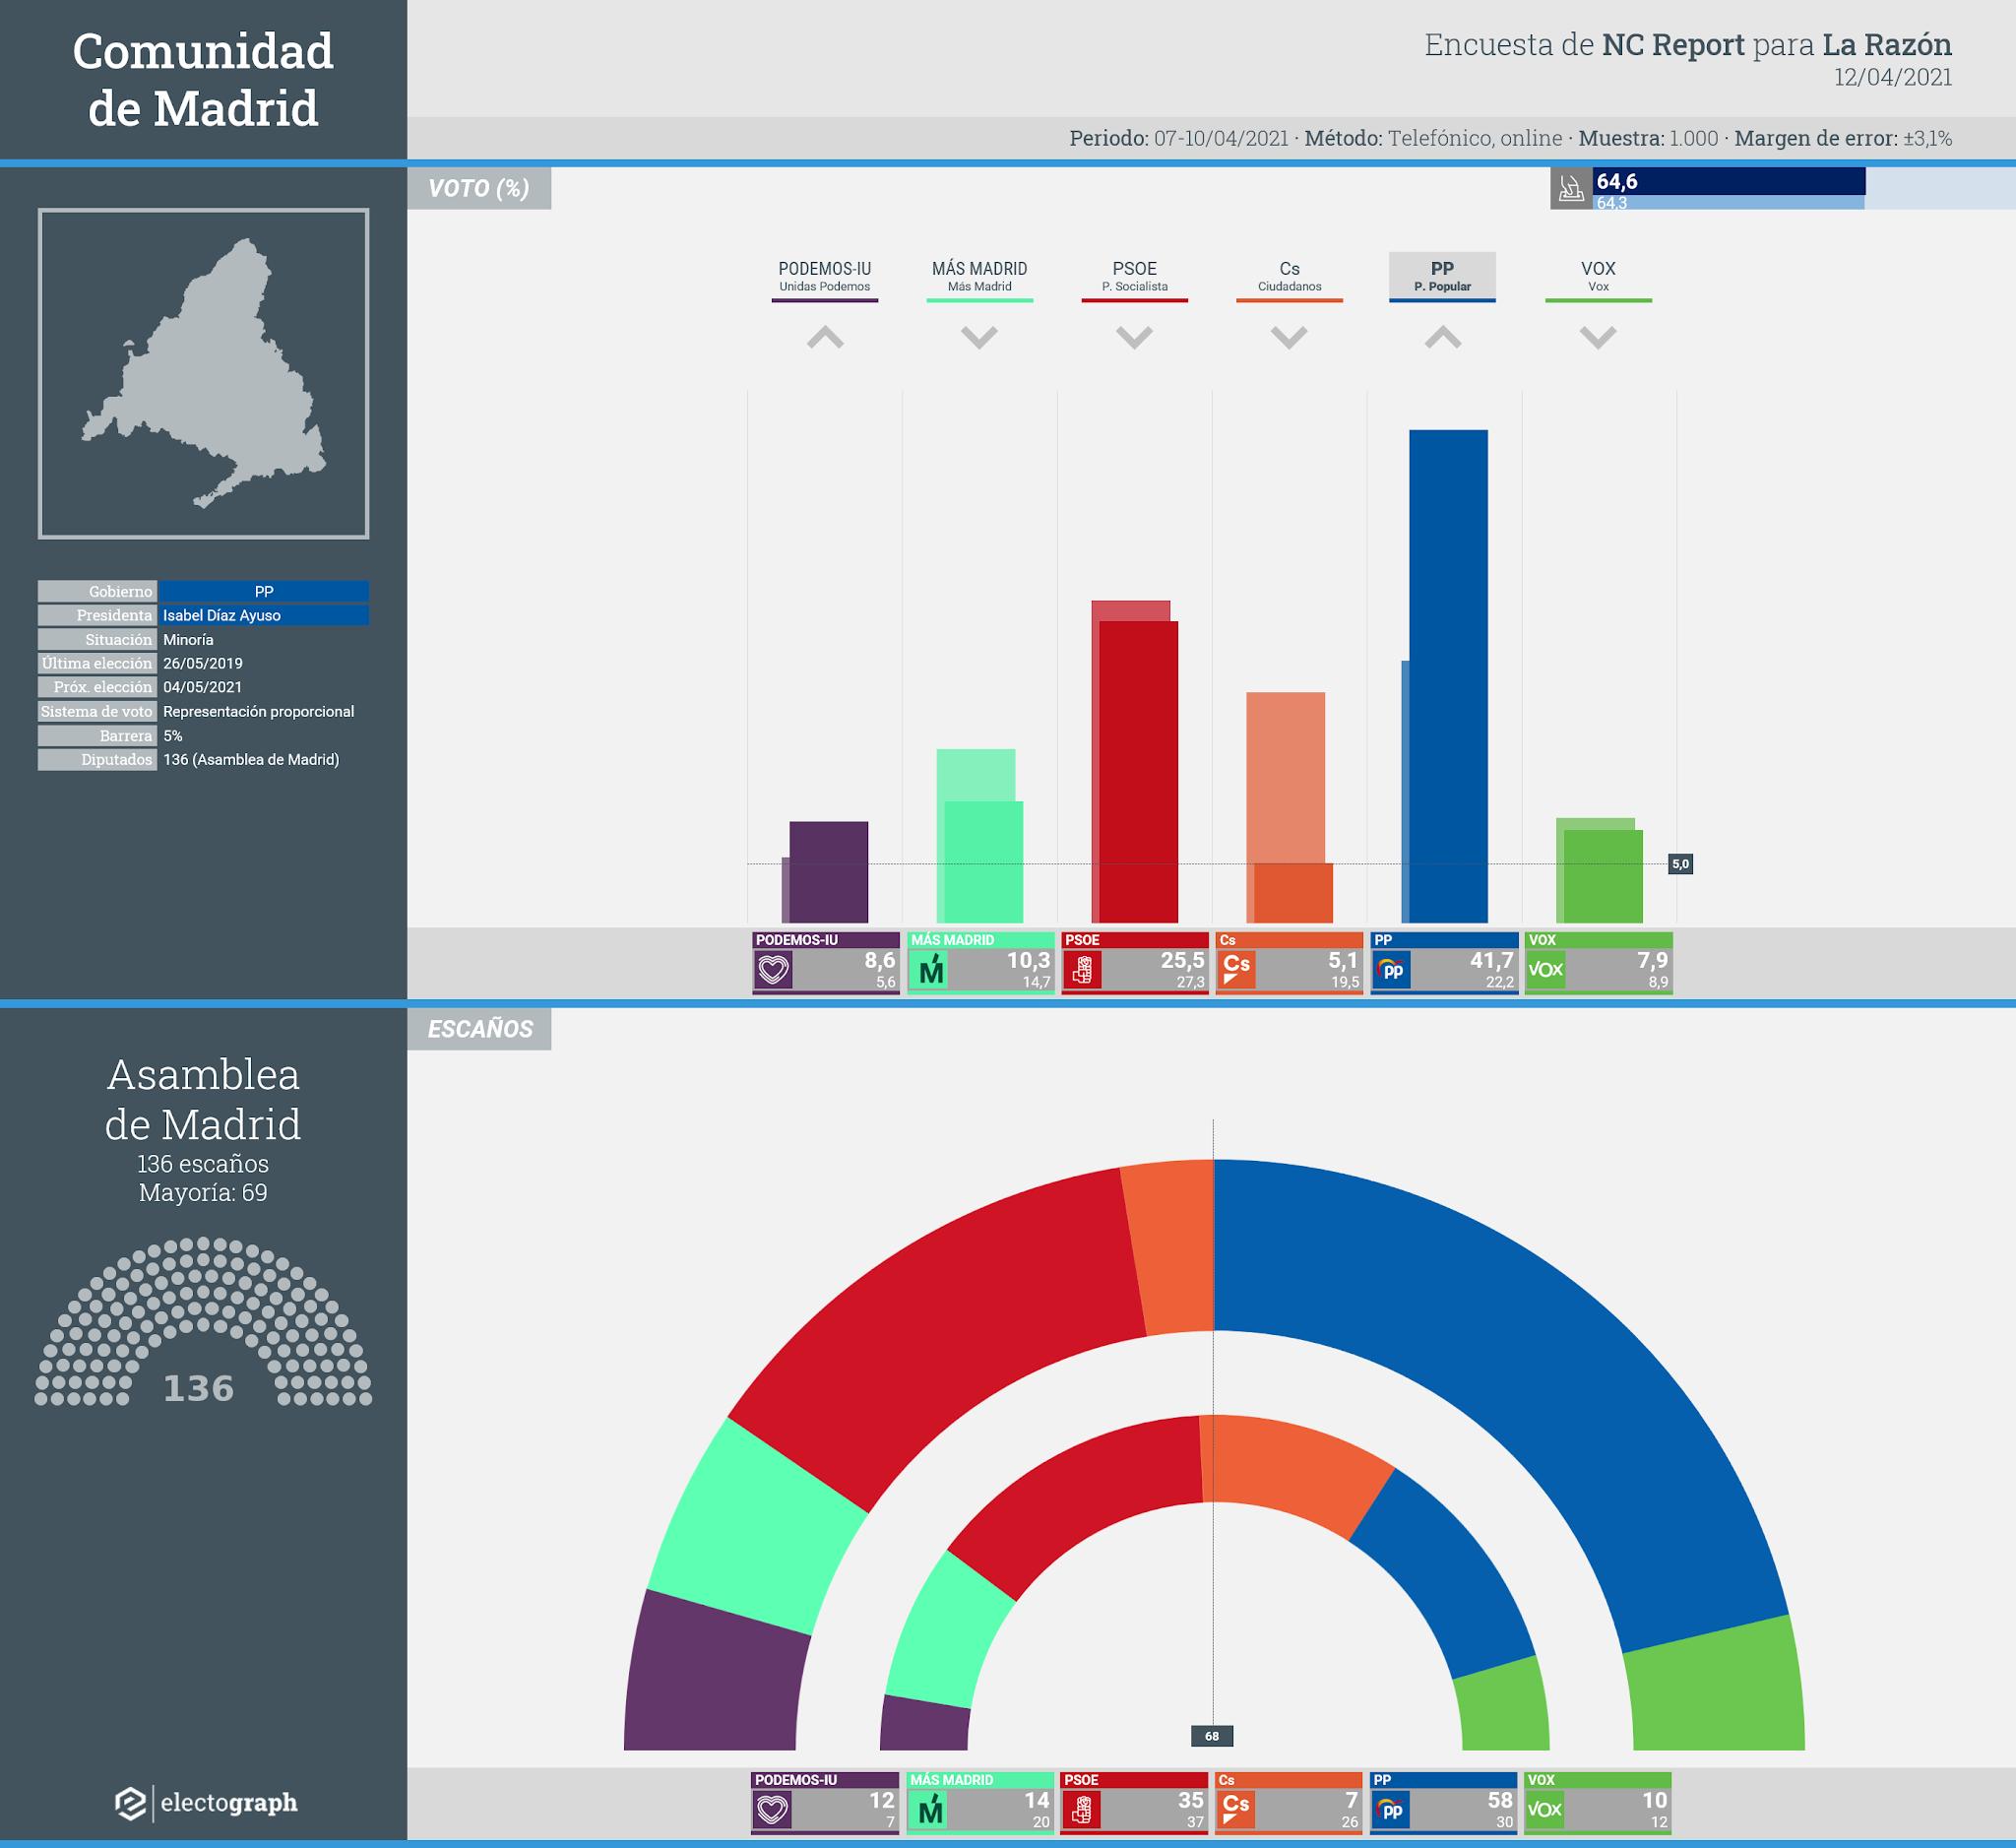 Gráfico de la encuesta para elecciones autonómicas en la Comunidad de Madrid realizada por NC Report para La Razón, 12 de abril de 2021